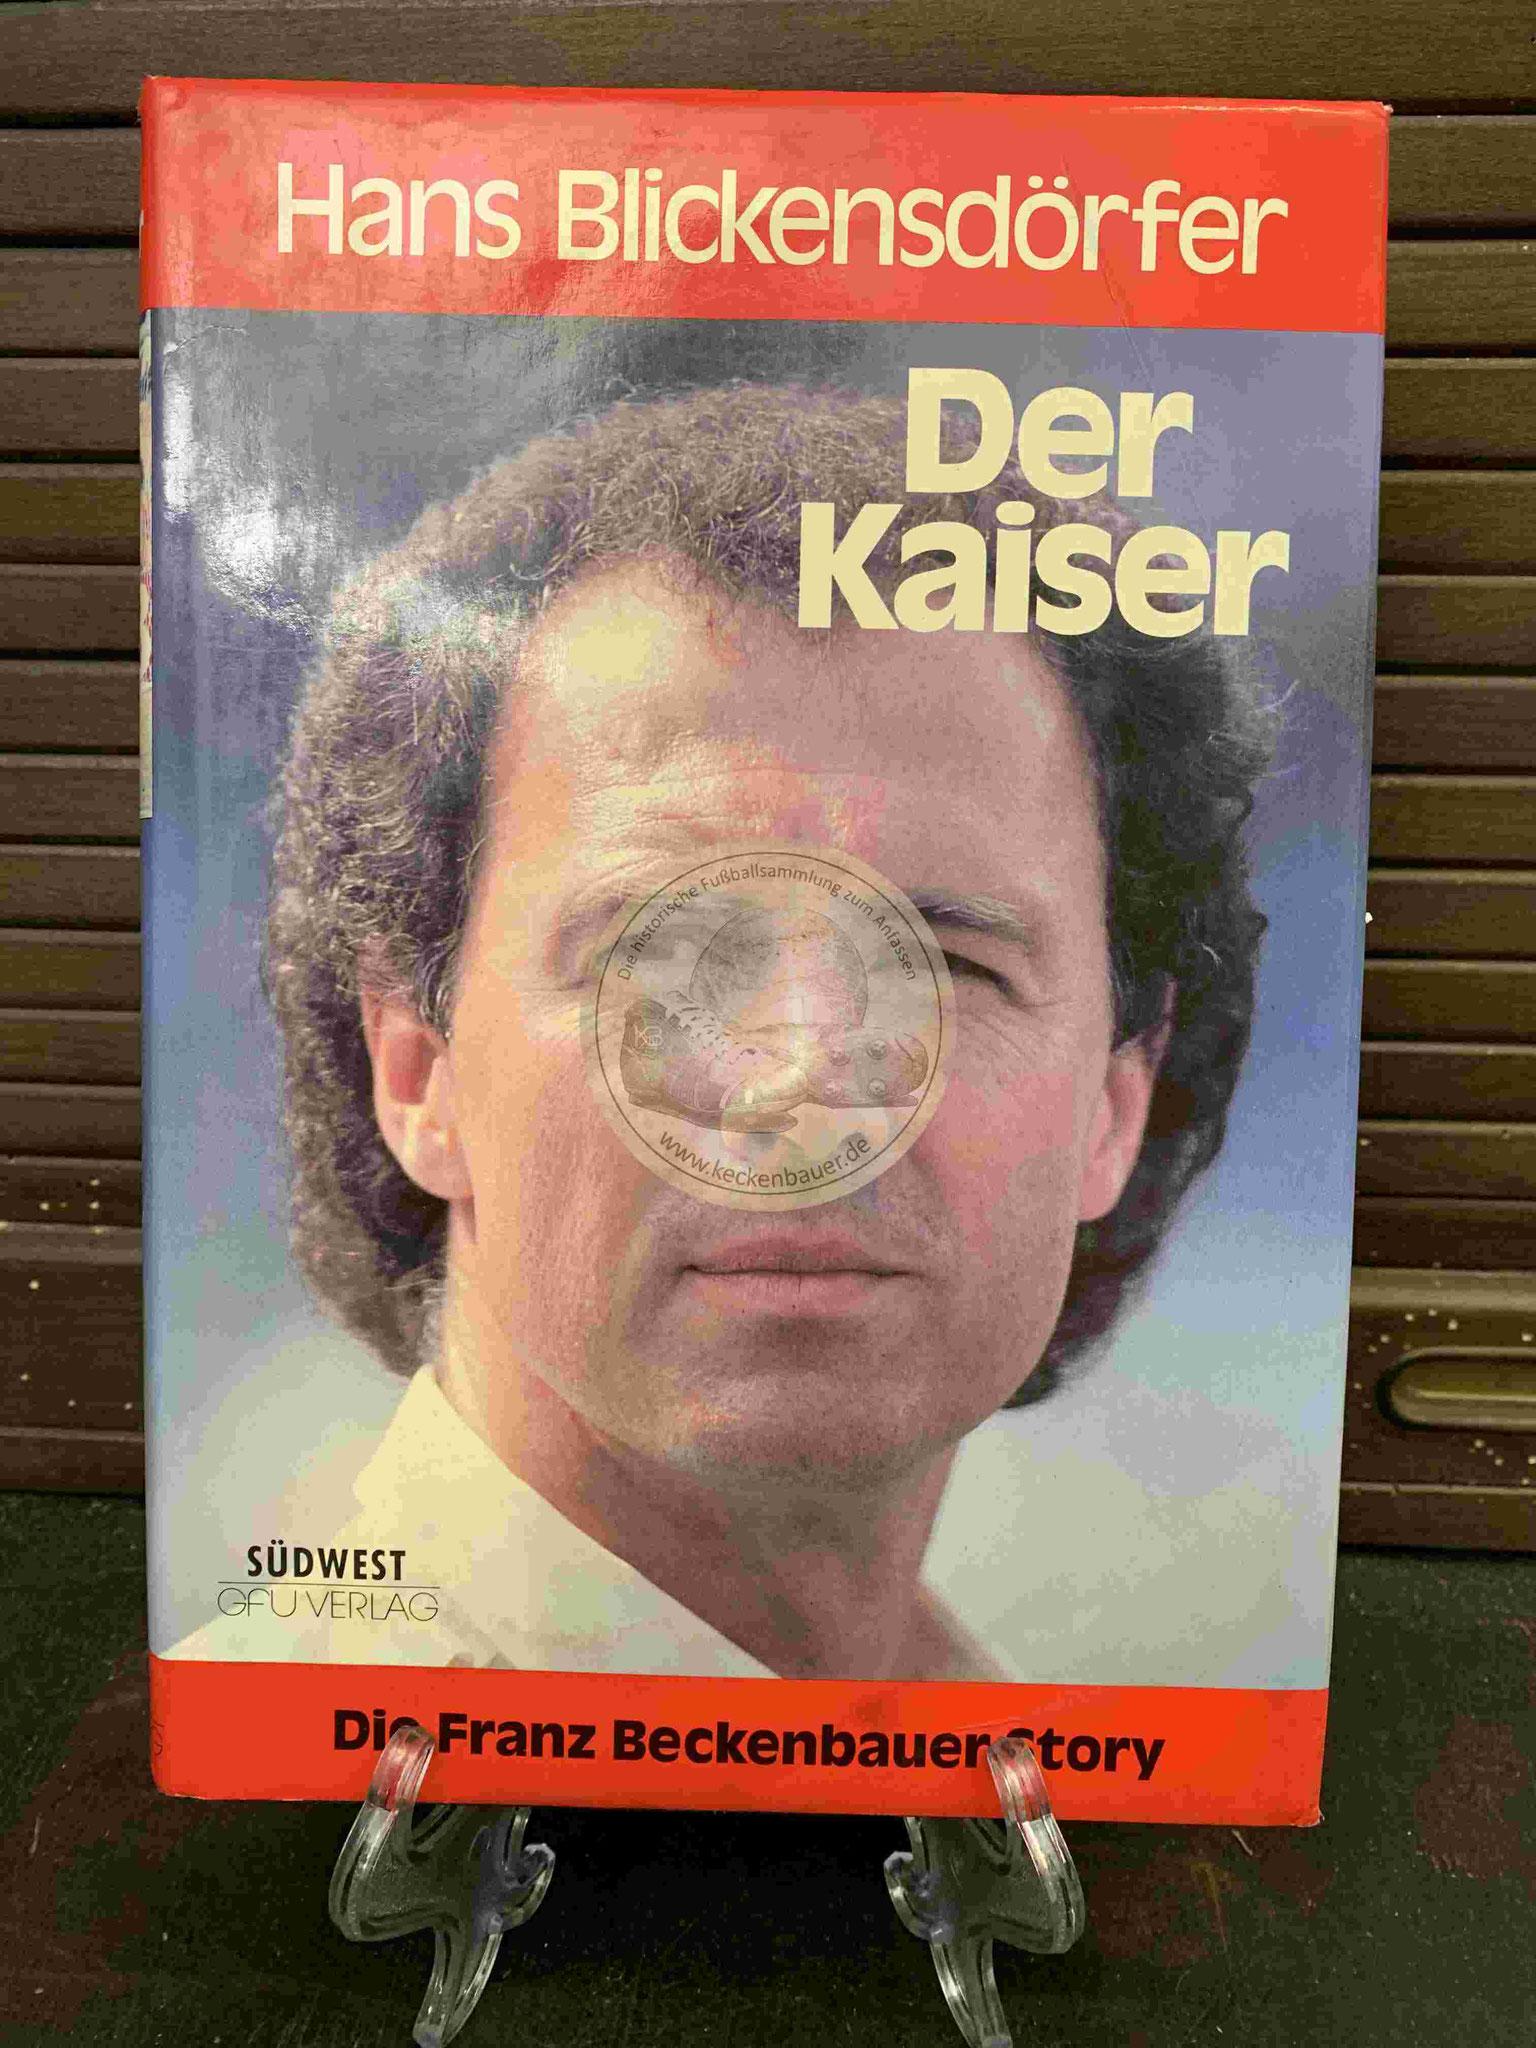 Hans Blickendörfer Der Kaiser aus dem Jahr 1991